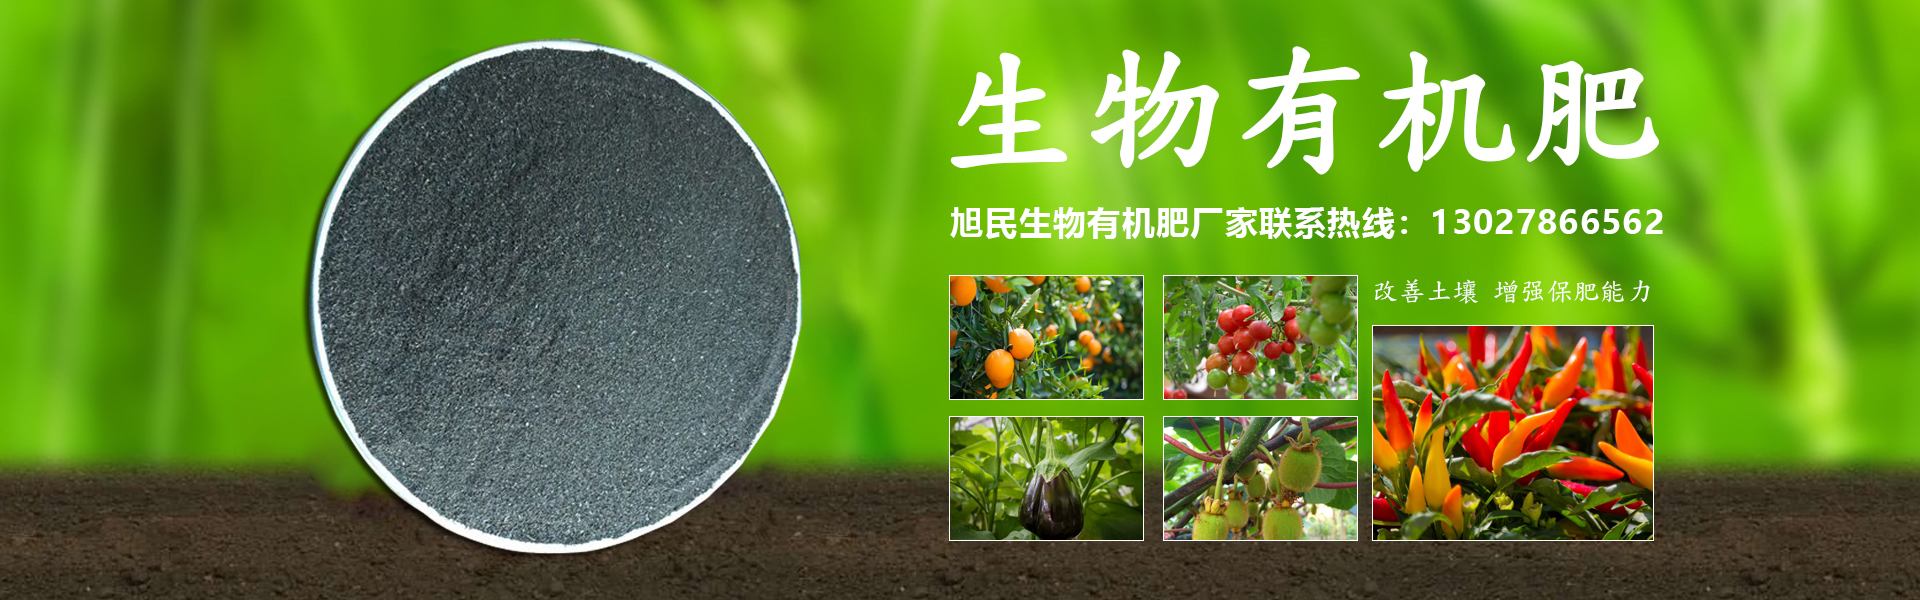 贵州生物有机肥